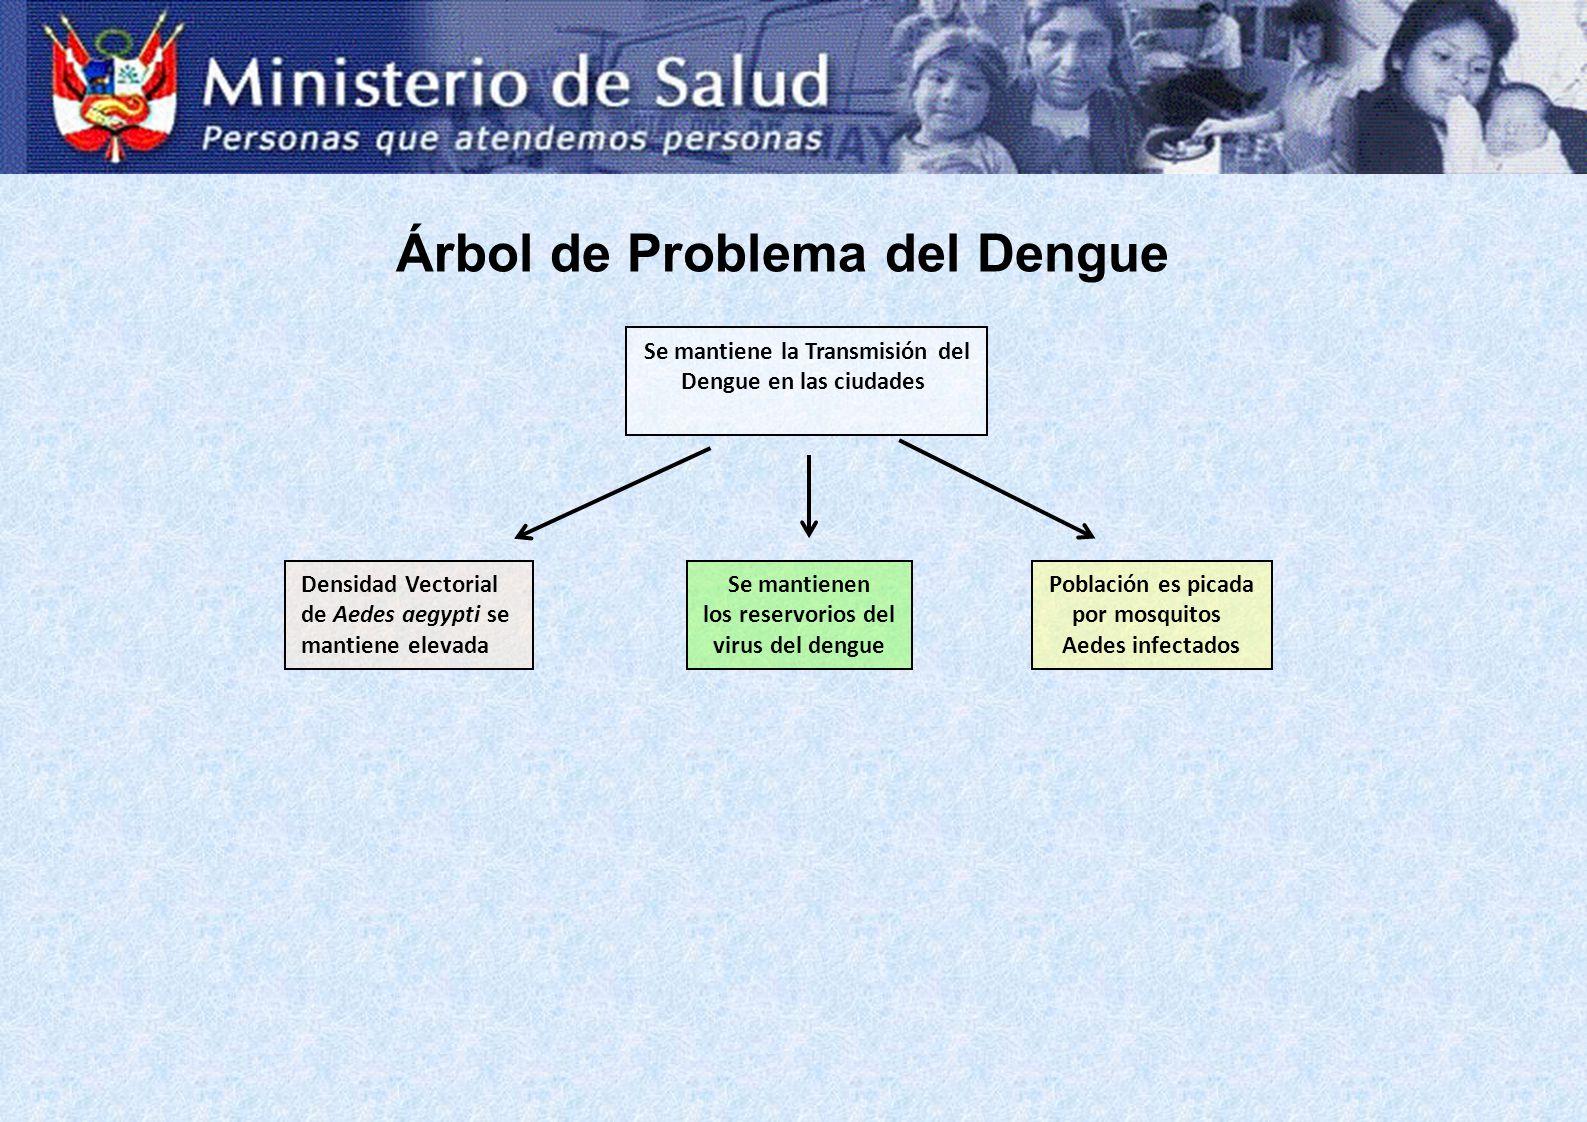 Árbol de Problema del Dengue